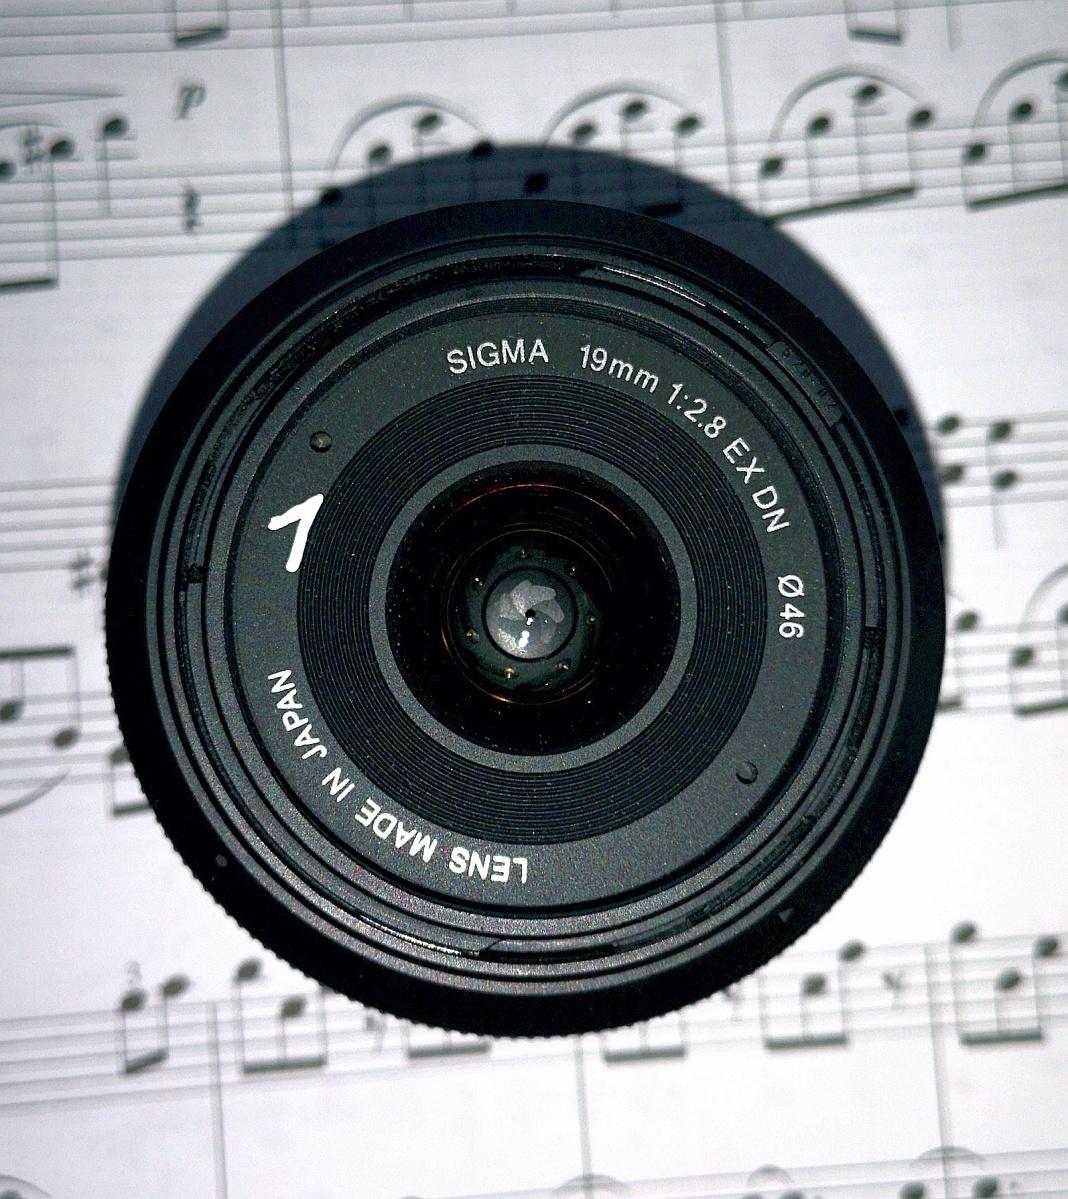 #001 SIGMA 19mm 1:2.8 EX DN ∅46 19 1:2.8 EX DN E - Objektivvorstellung